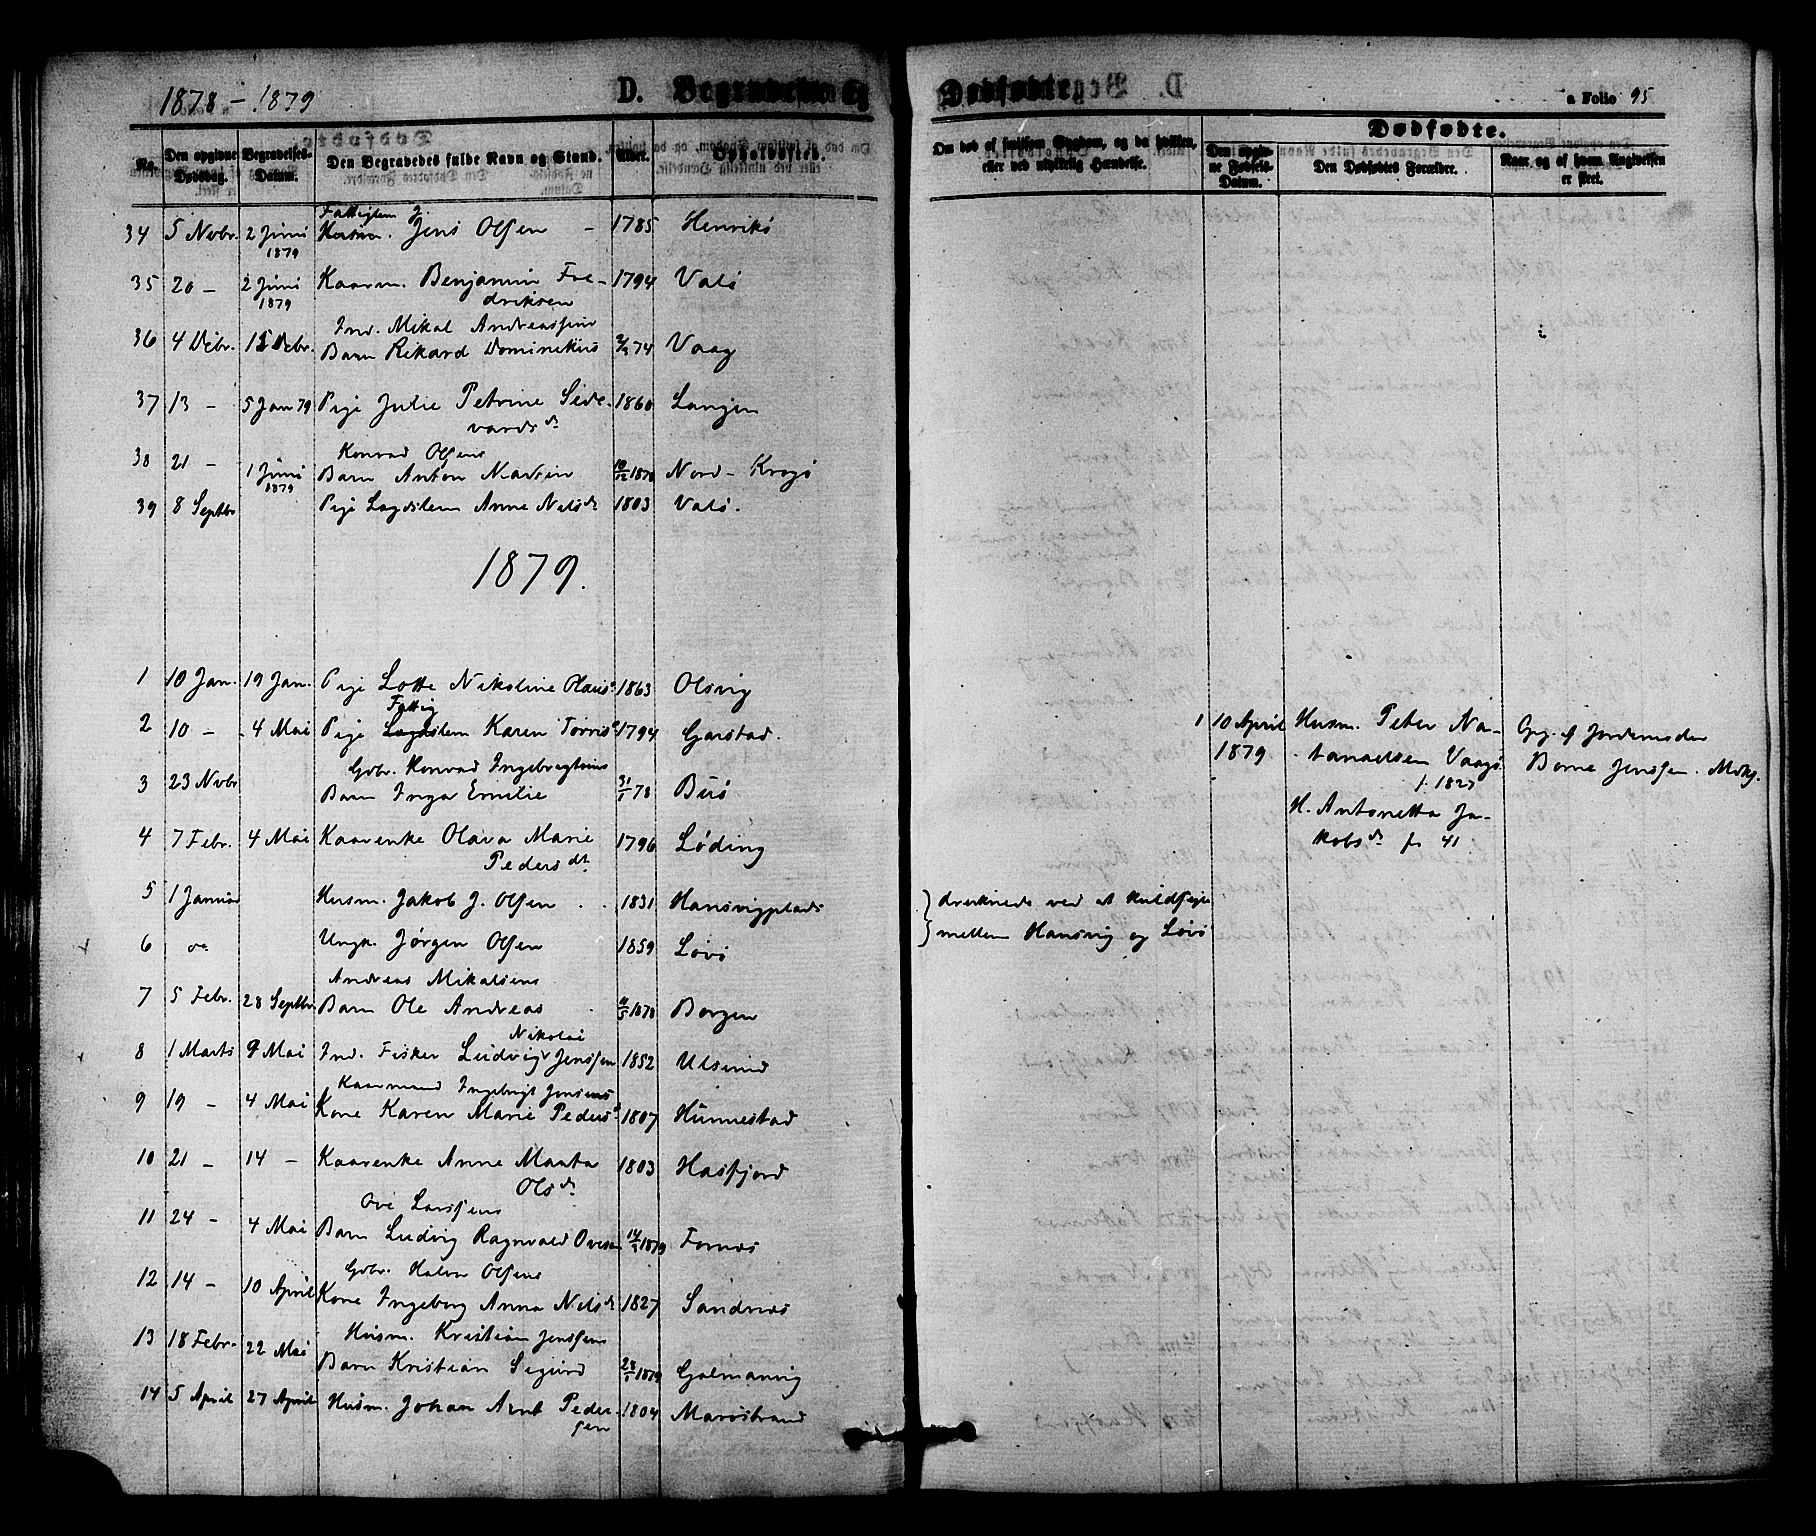 SAT, Ministerialprotokoller, klokkerbøker og fødselsregistre - Nord-Trøndelag, 784/L0671: Ministerialbok nr. 784A06, 1876-1879, s. 95